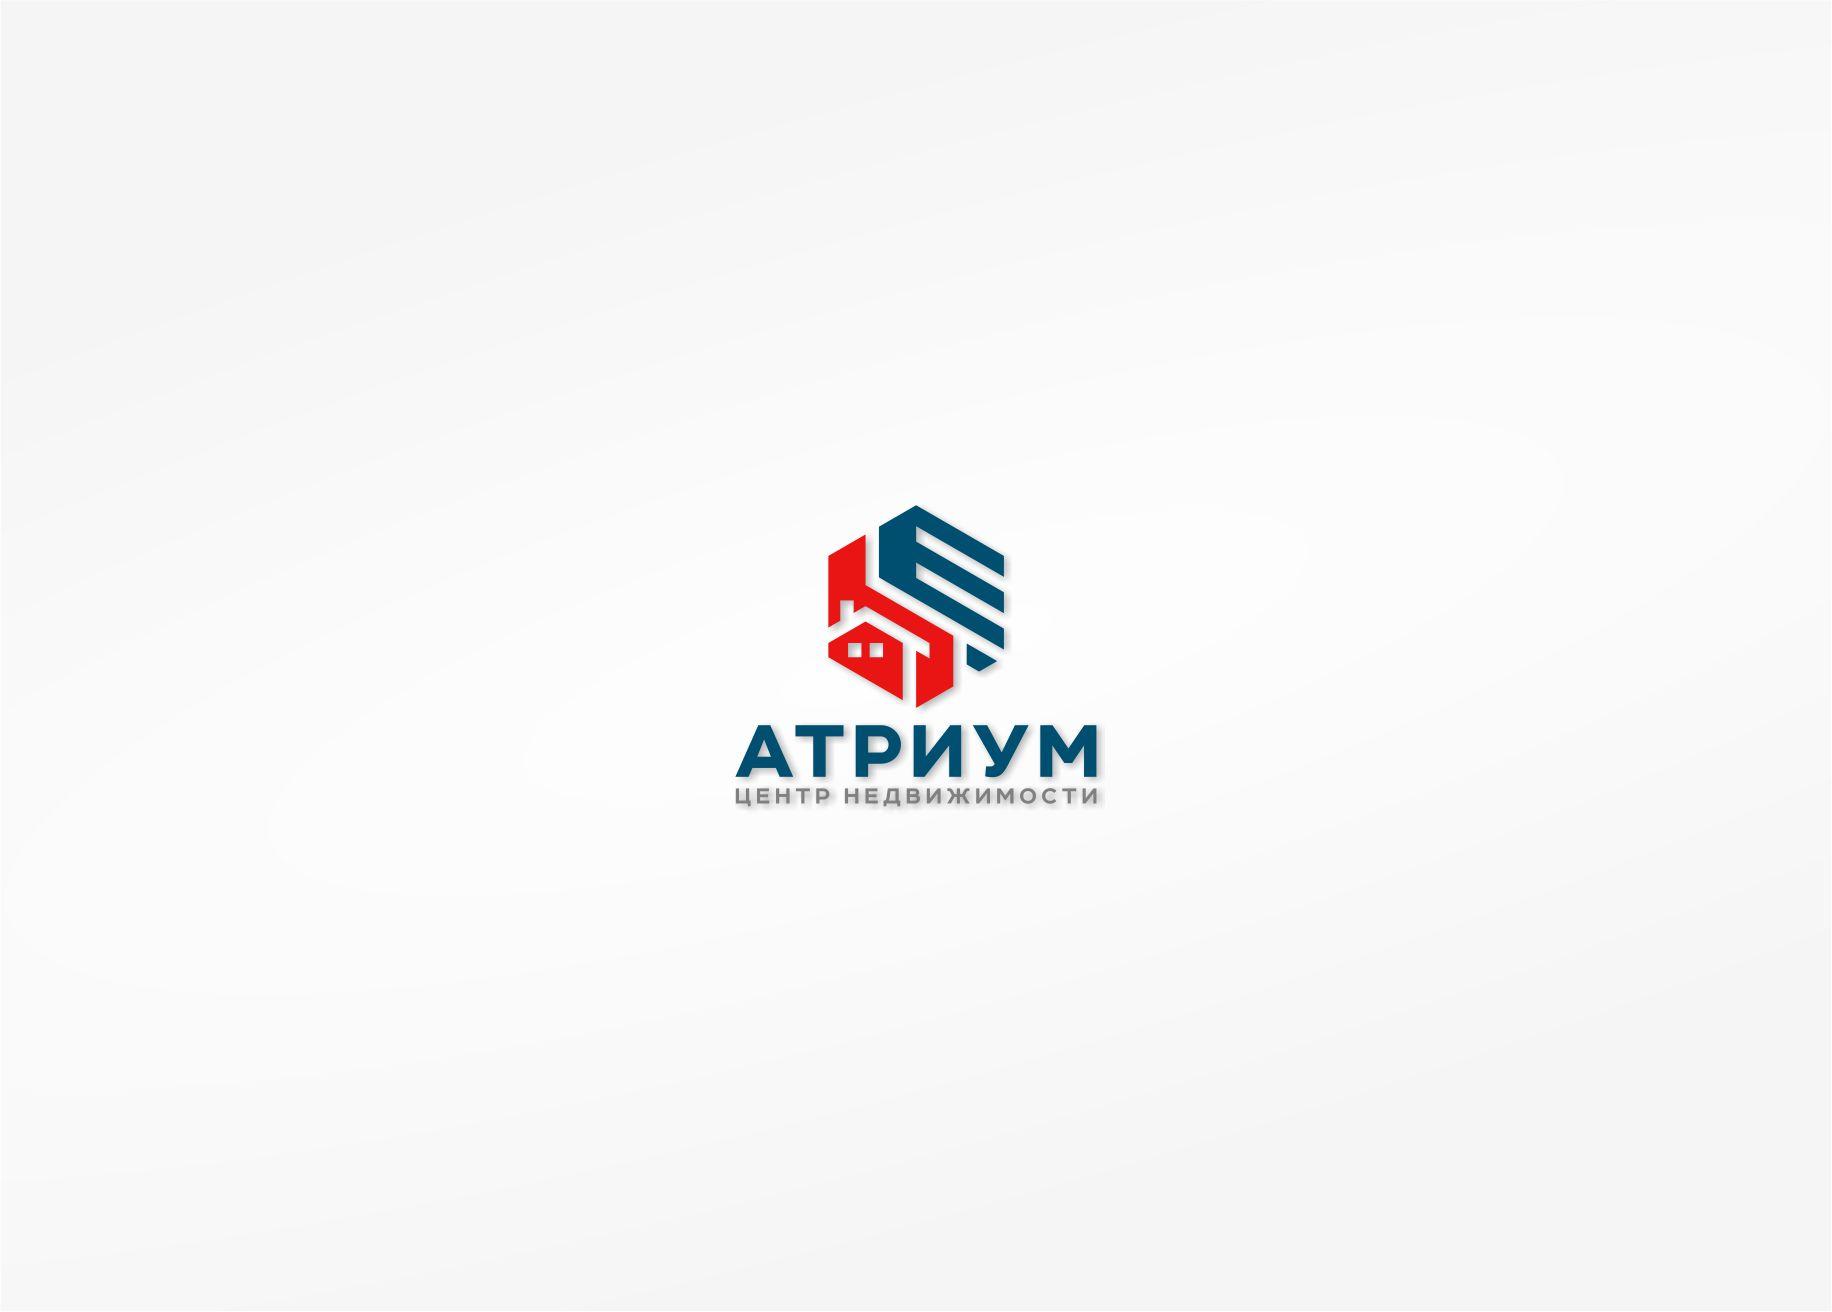 Редизайн / модернизация логотипа Центра недвижимости фото f_9515bc4ef31827c7.jpg